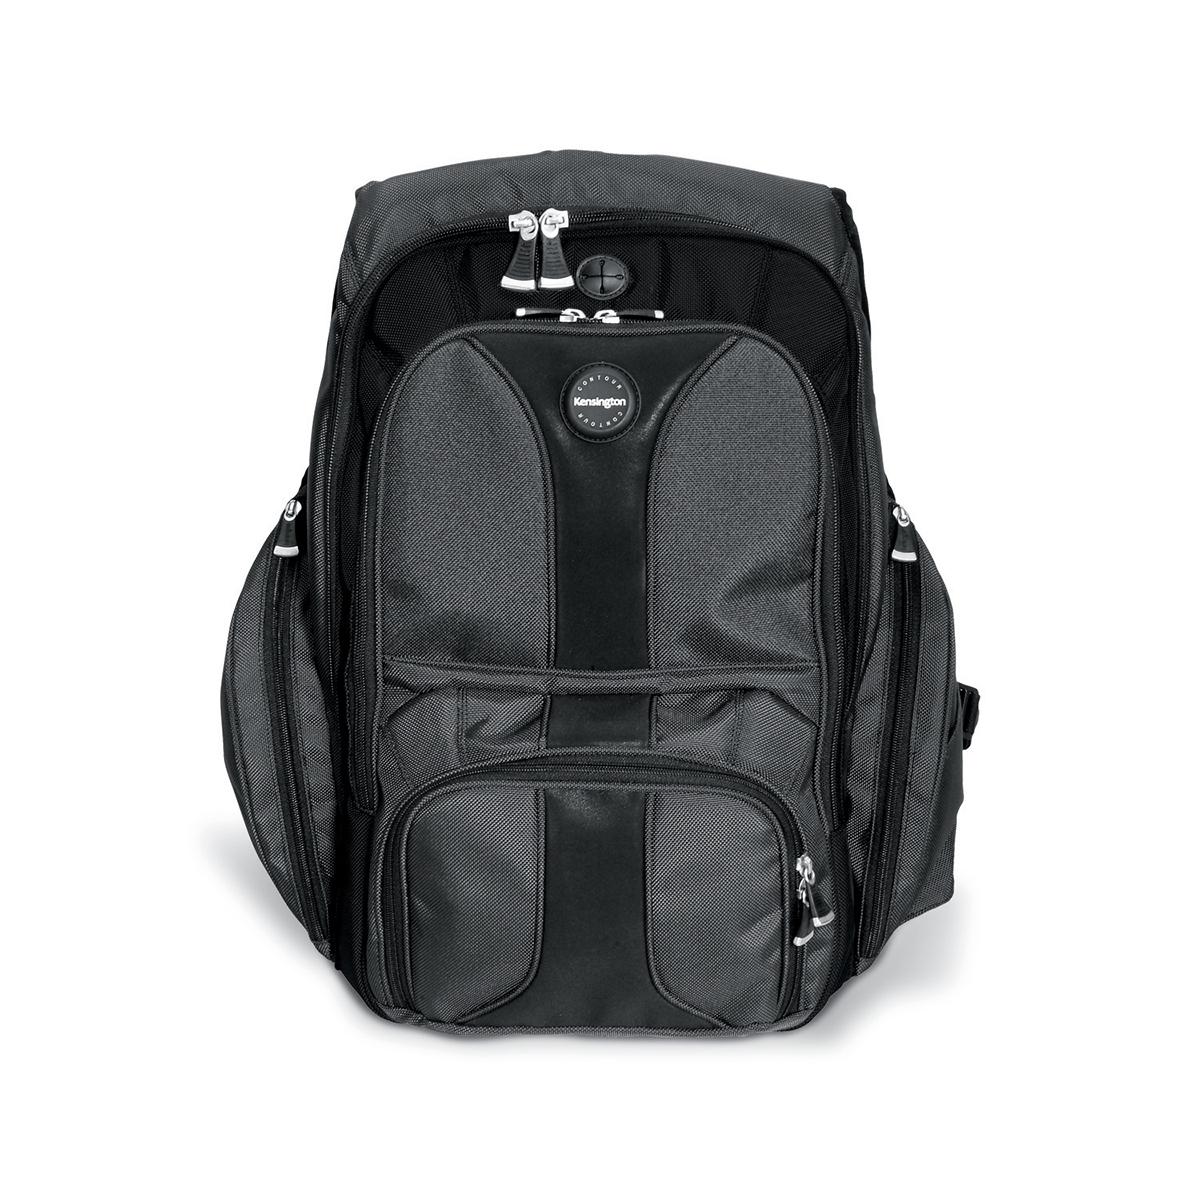 Kensington 1500234 Contour 15.6 Inch Laptop Backpack- Black